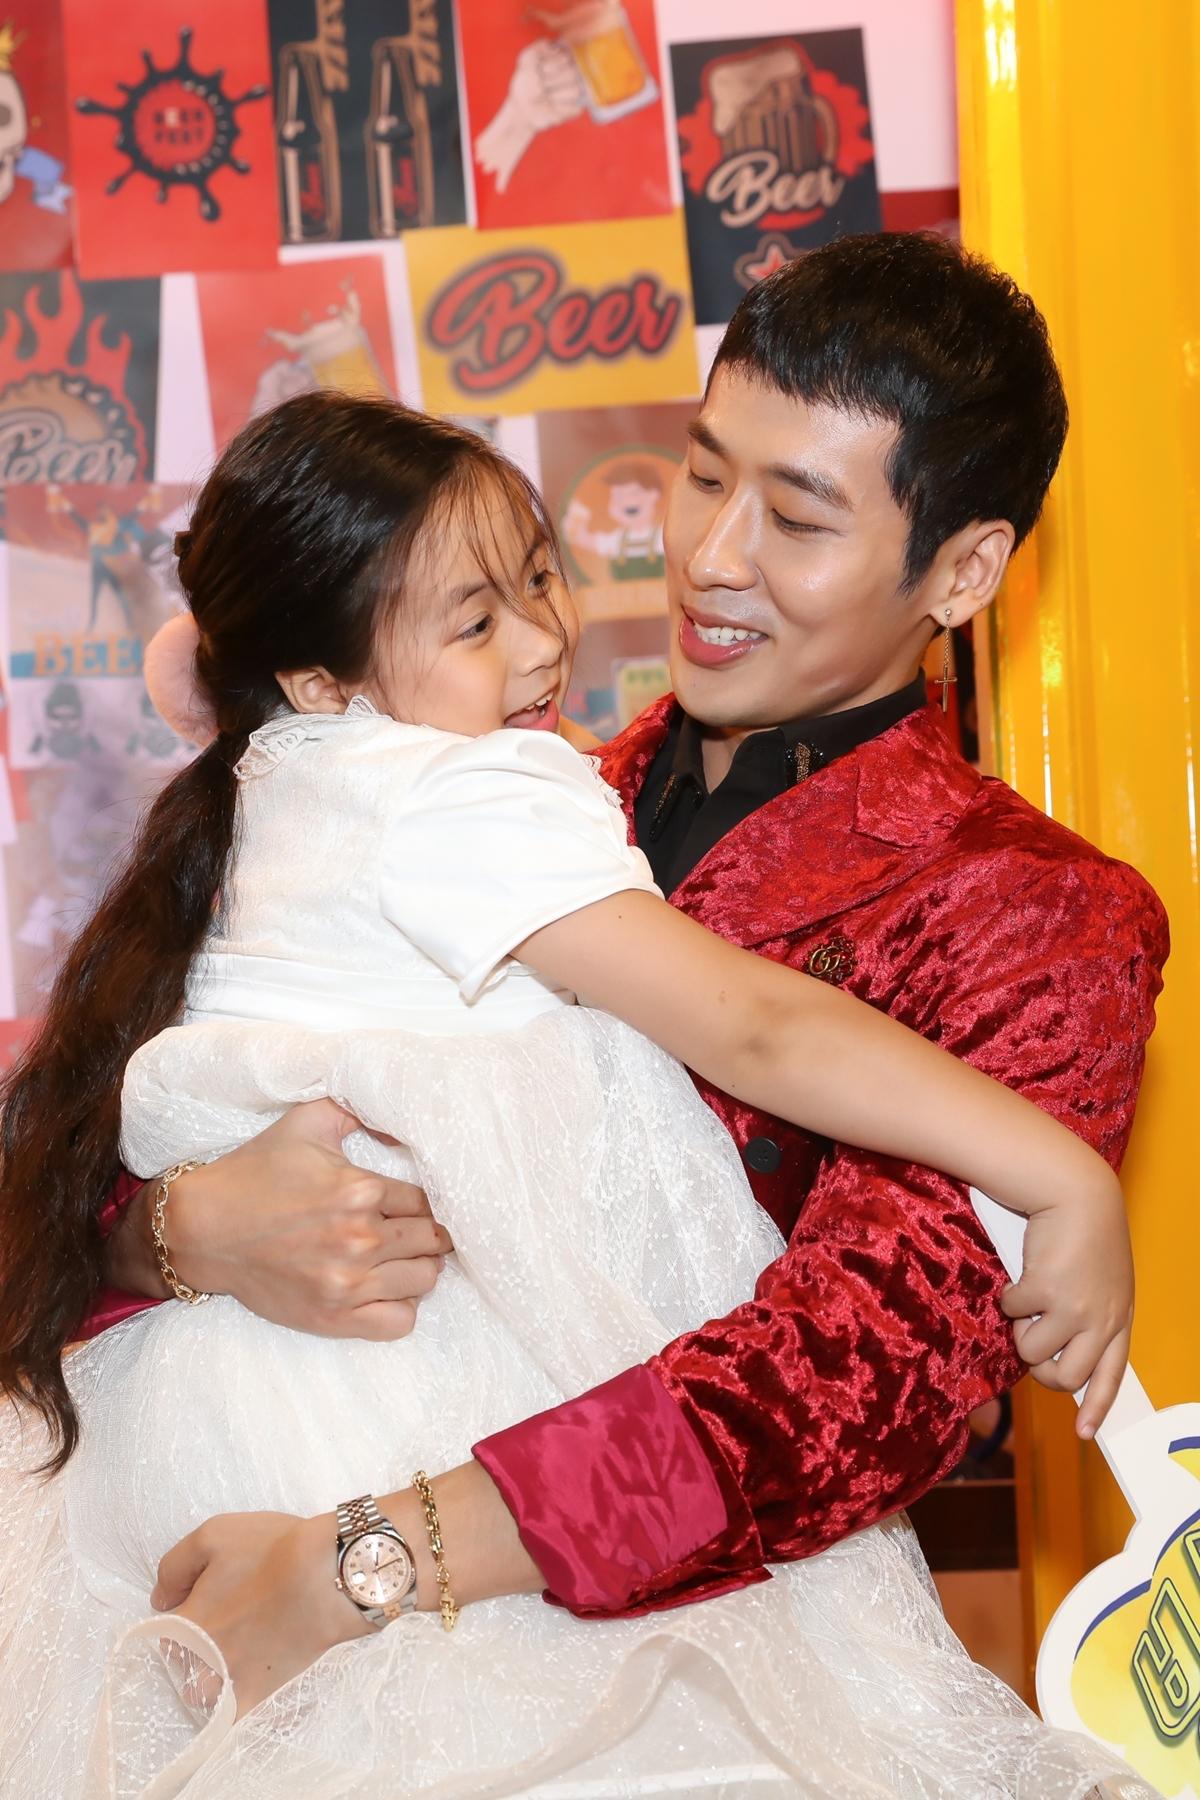 Tuấn Trần còn lần đầu kết hợp với bé Ngân Chi trong phim. Hai bố con quấn quýt không rời trong ngày ra mắt dự án.